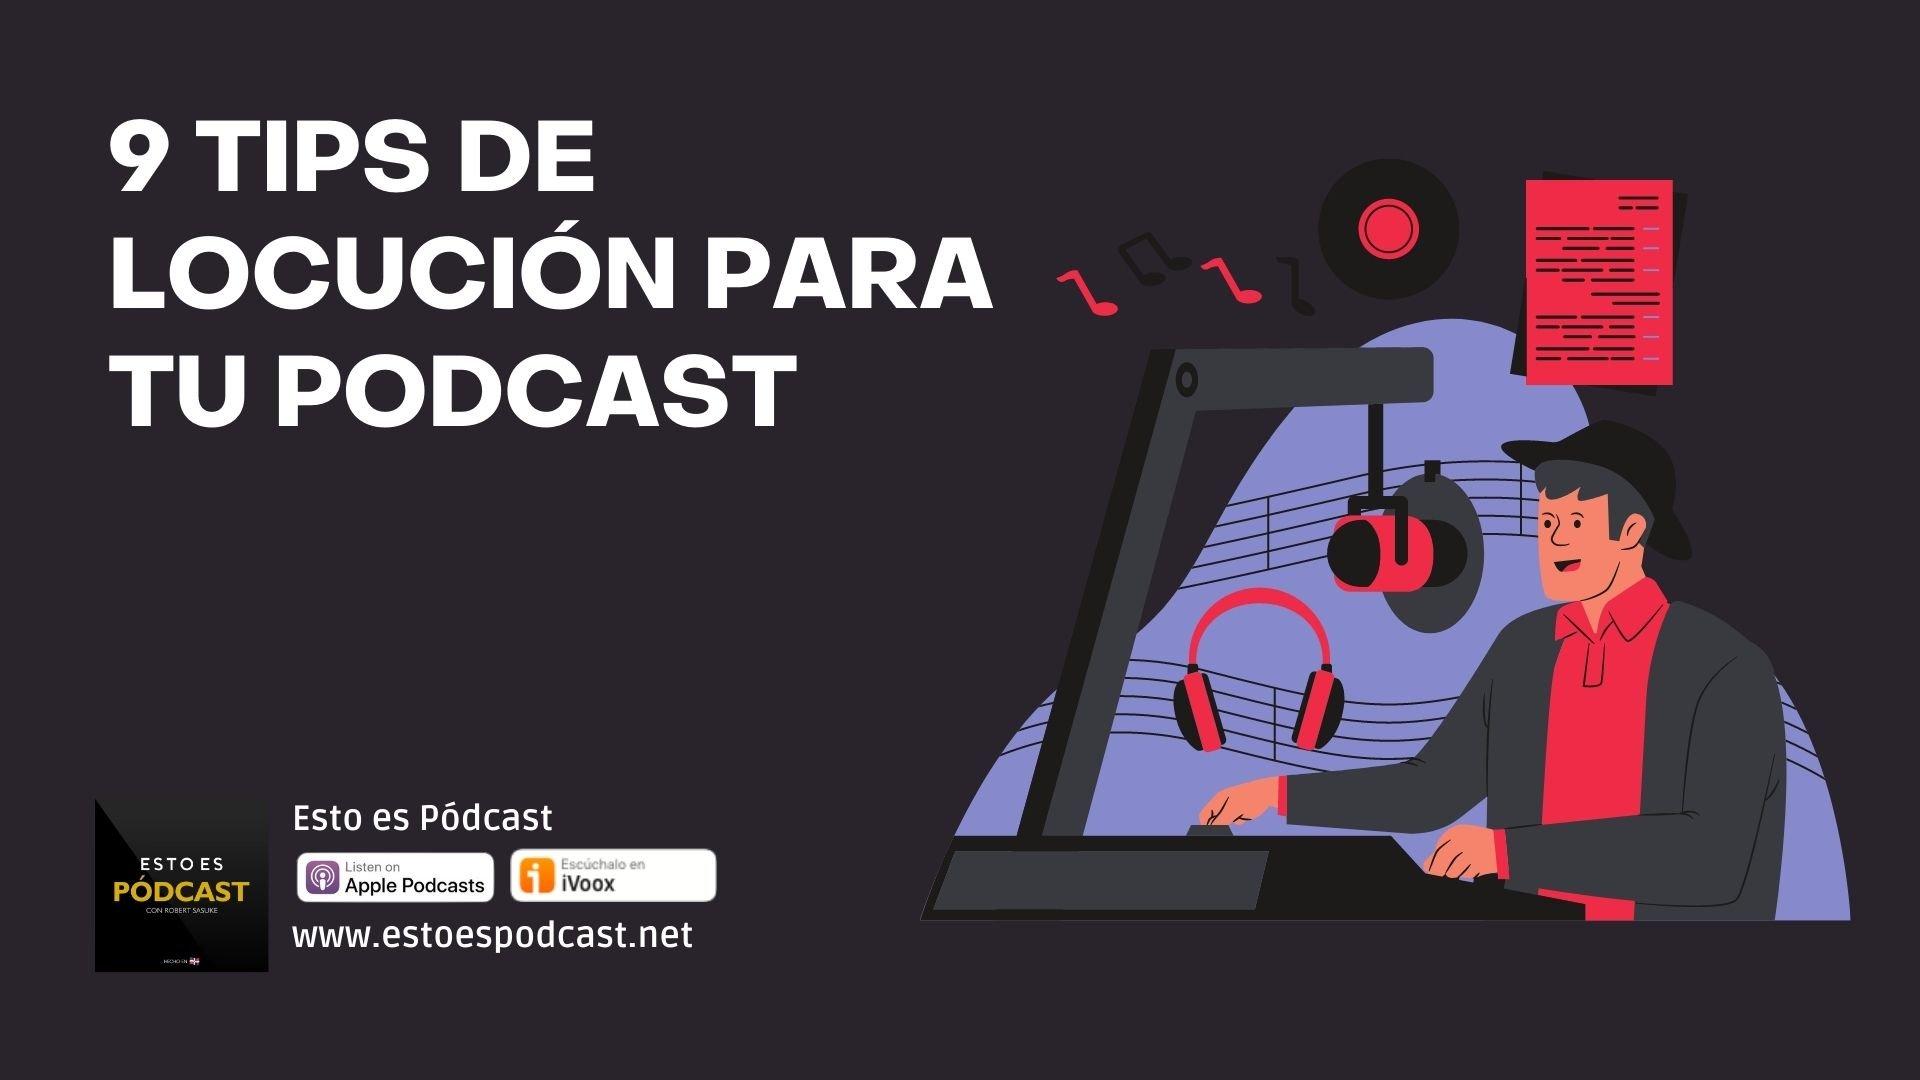 9 tips de locución para aplica con tu podcast